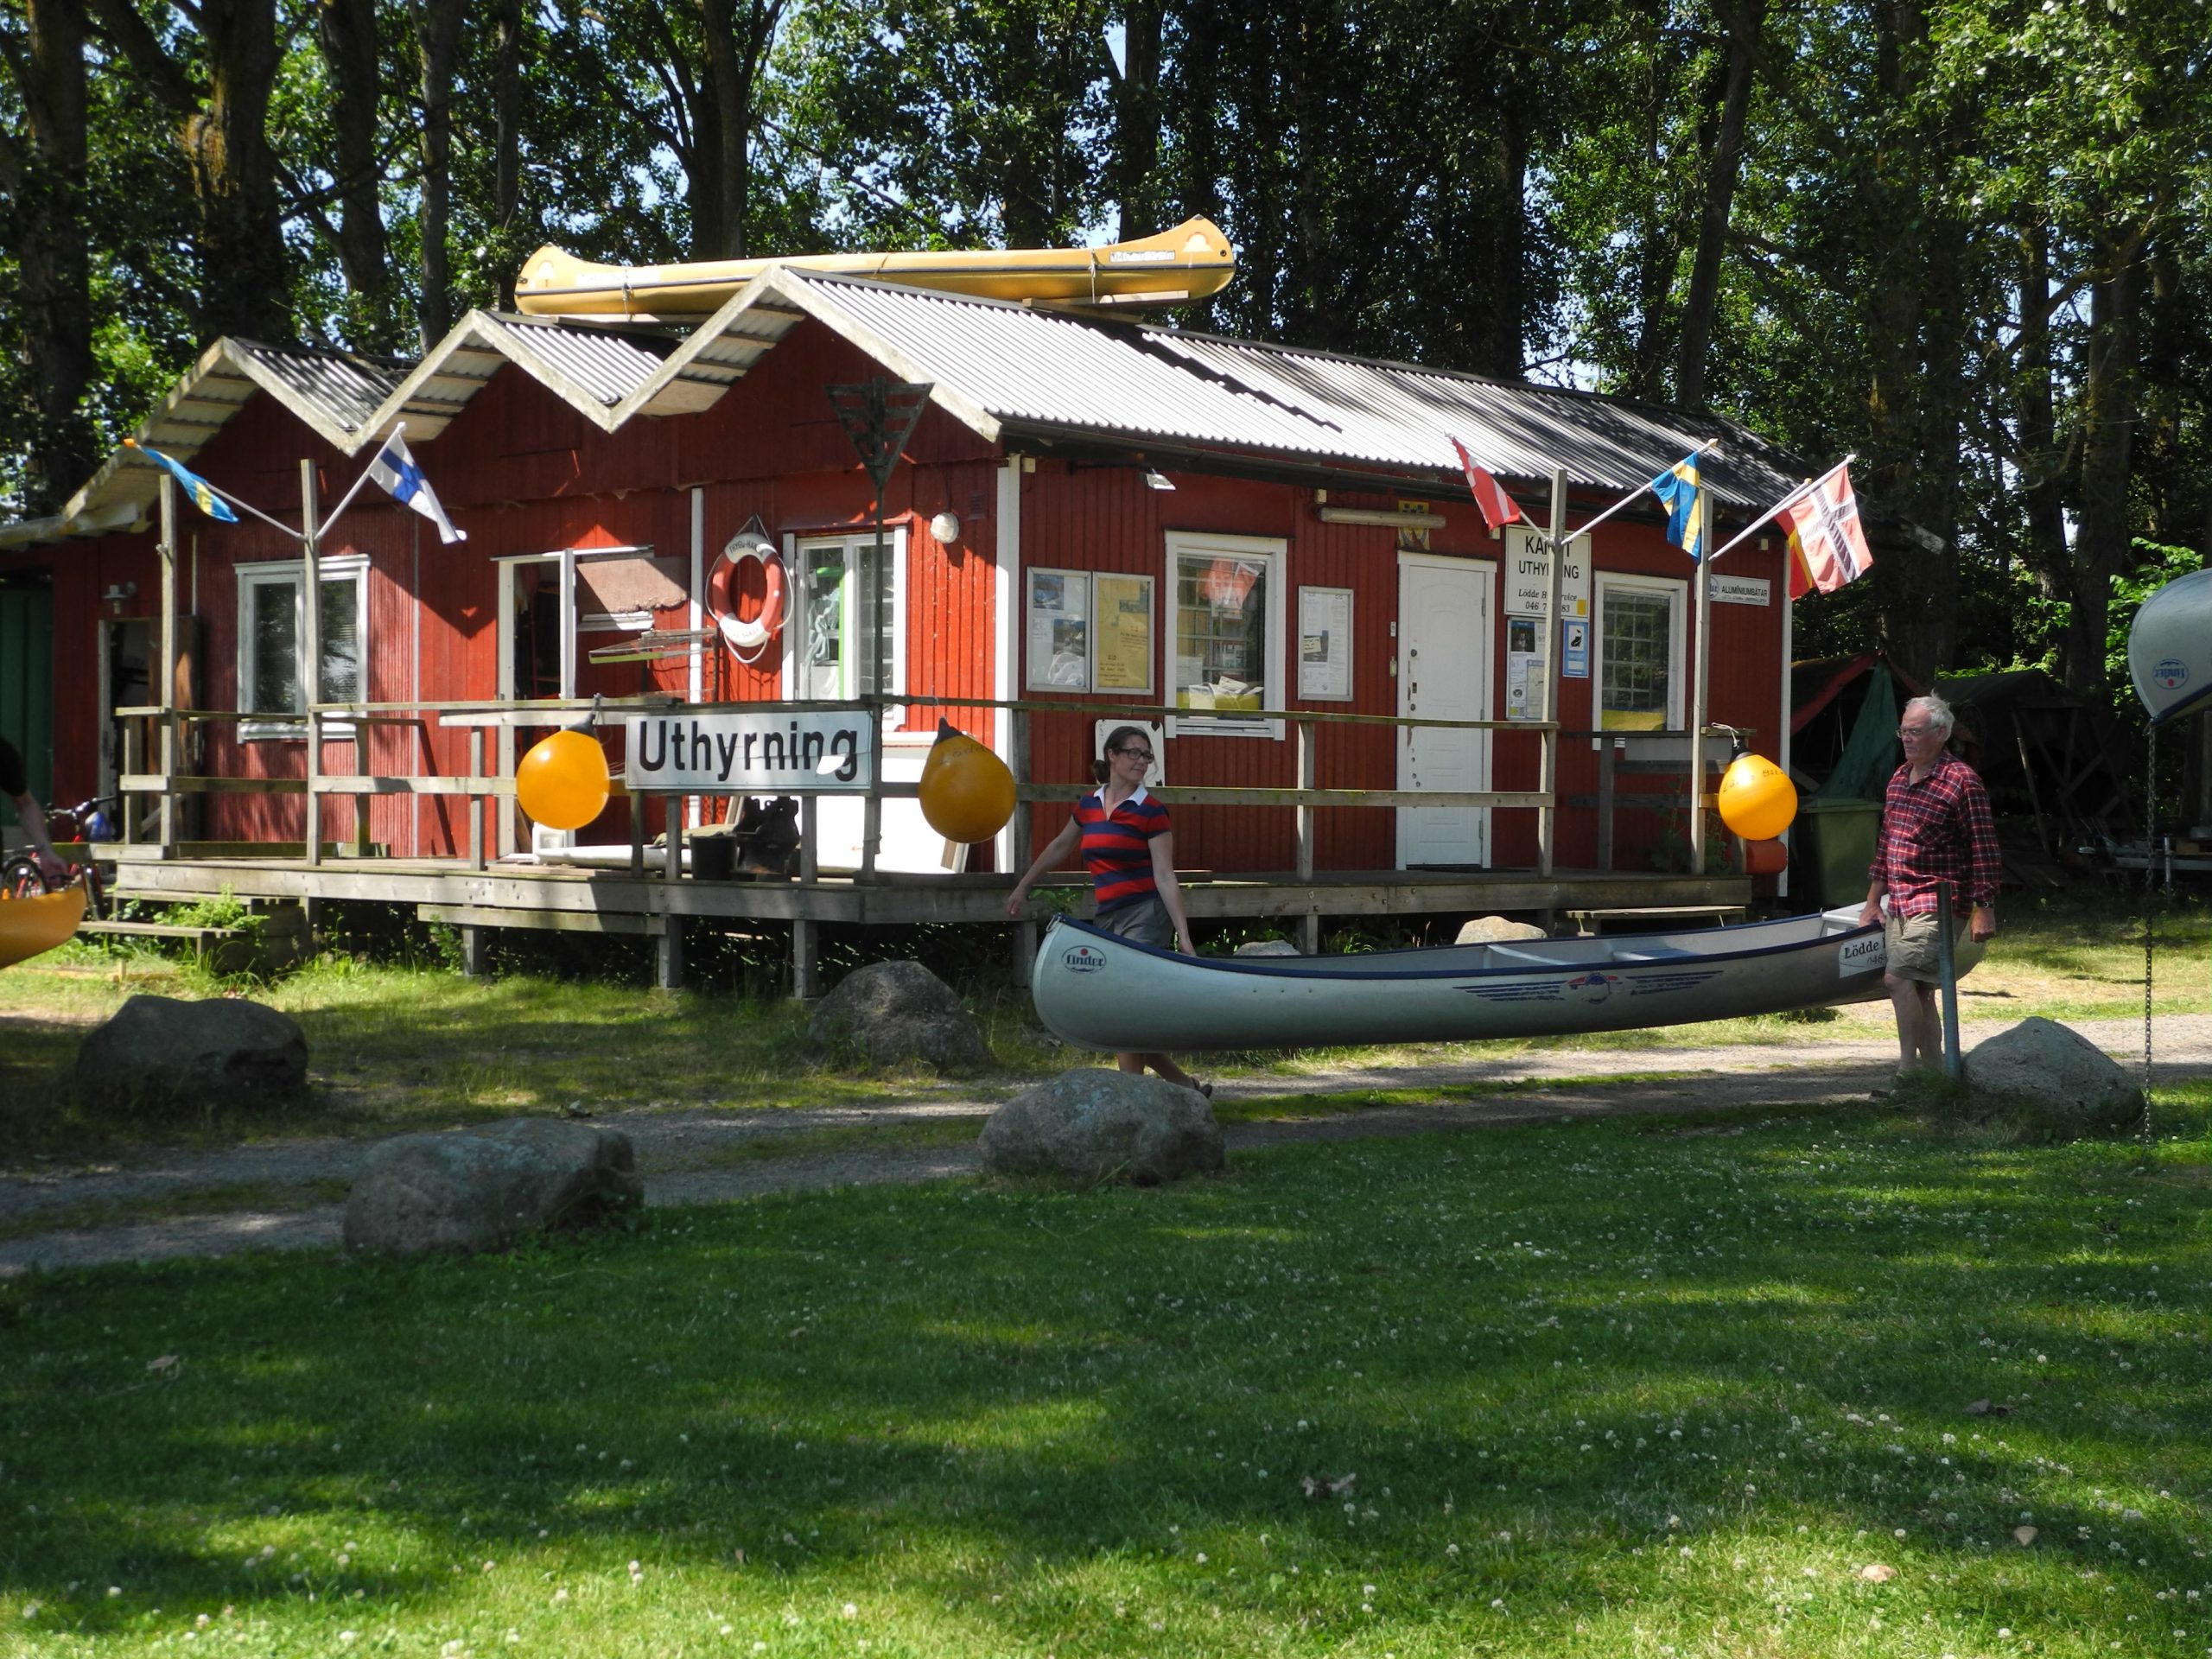 Hyra kanot på Lödde å